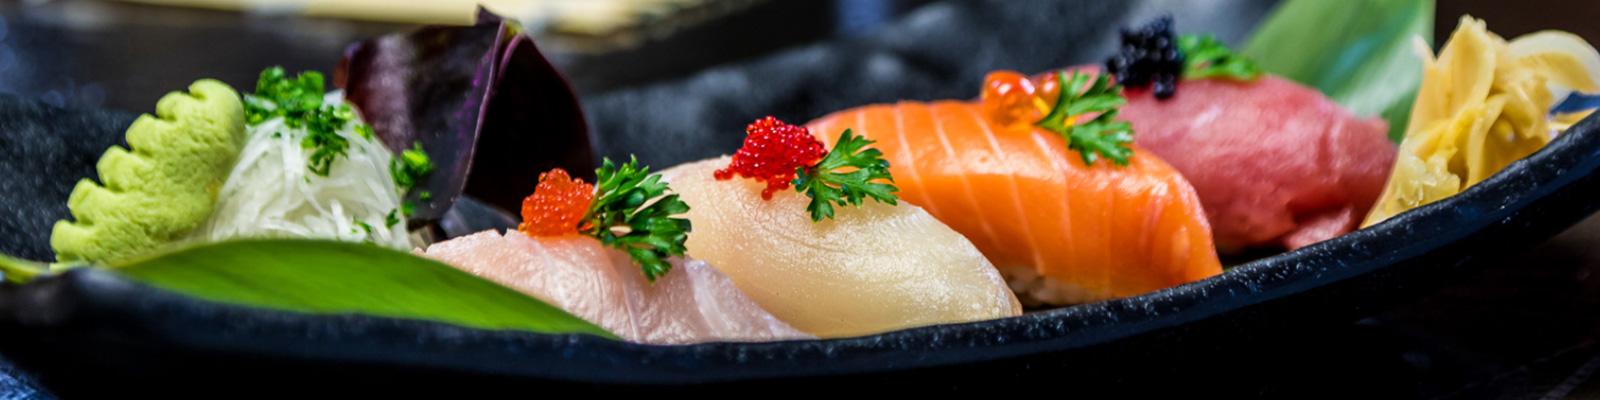 osaka-sushi-restaurant-bonaire-slider-image-5